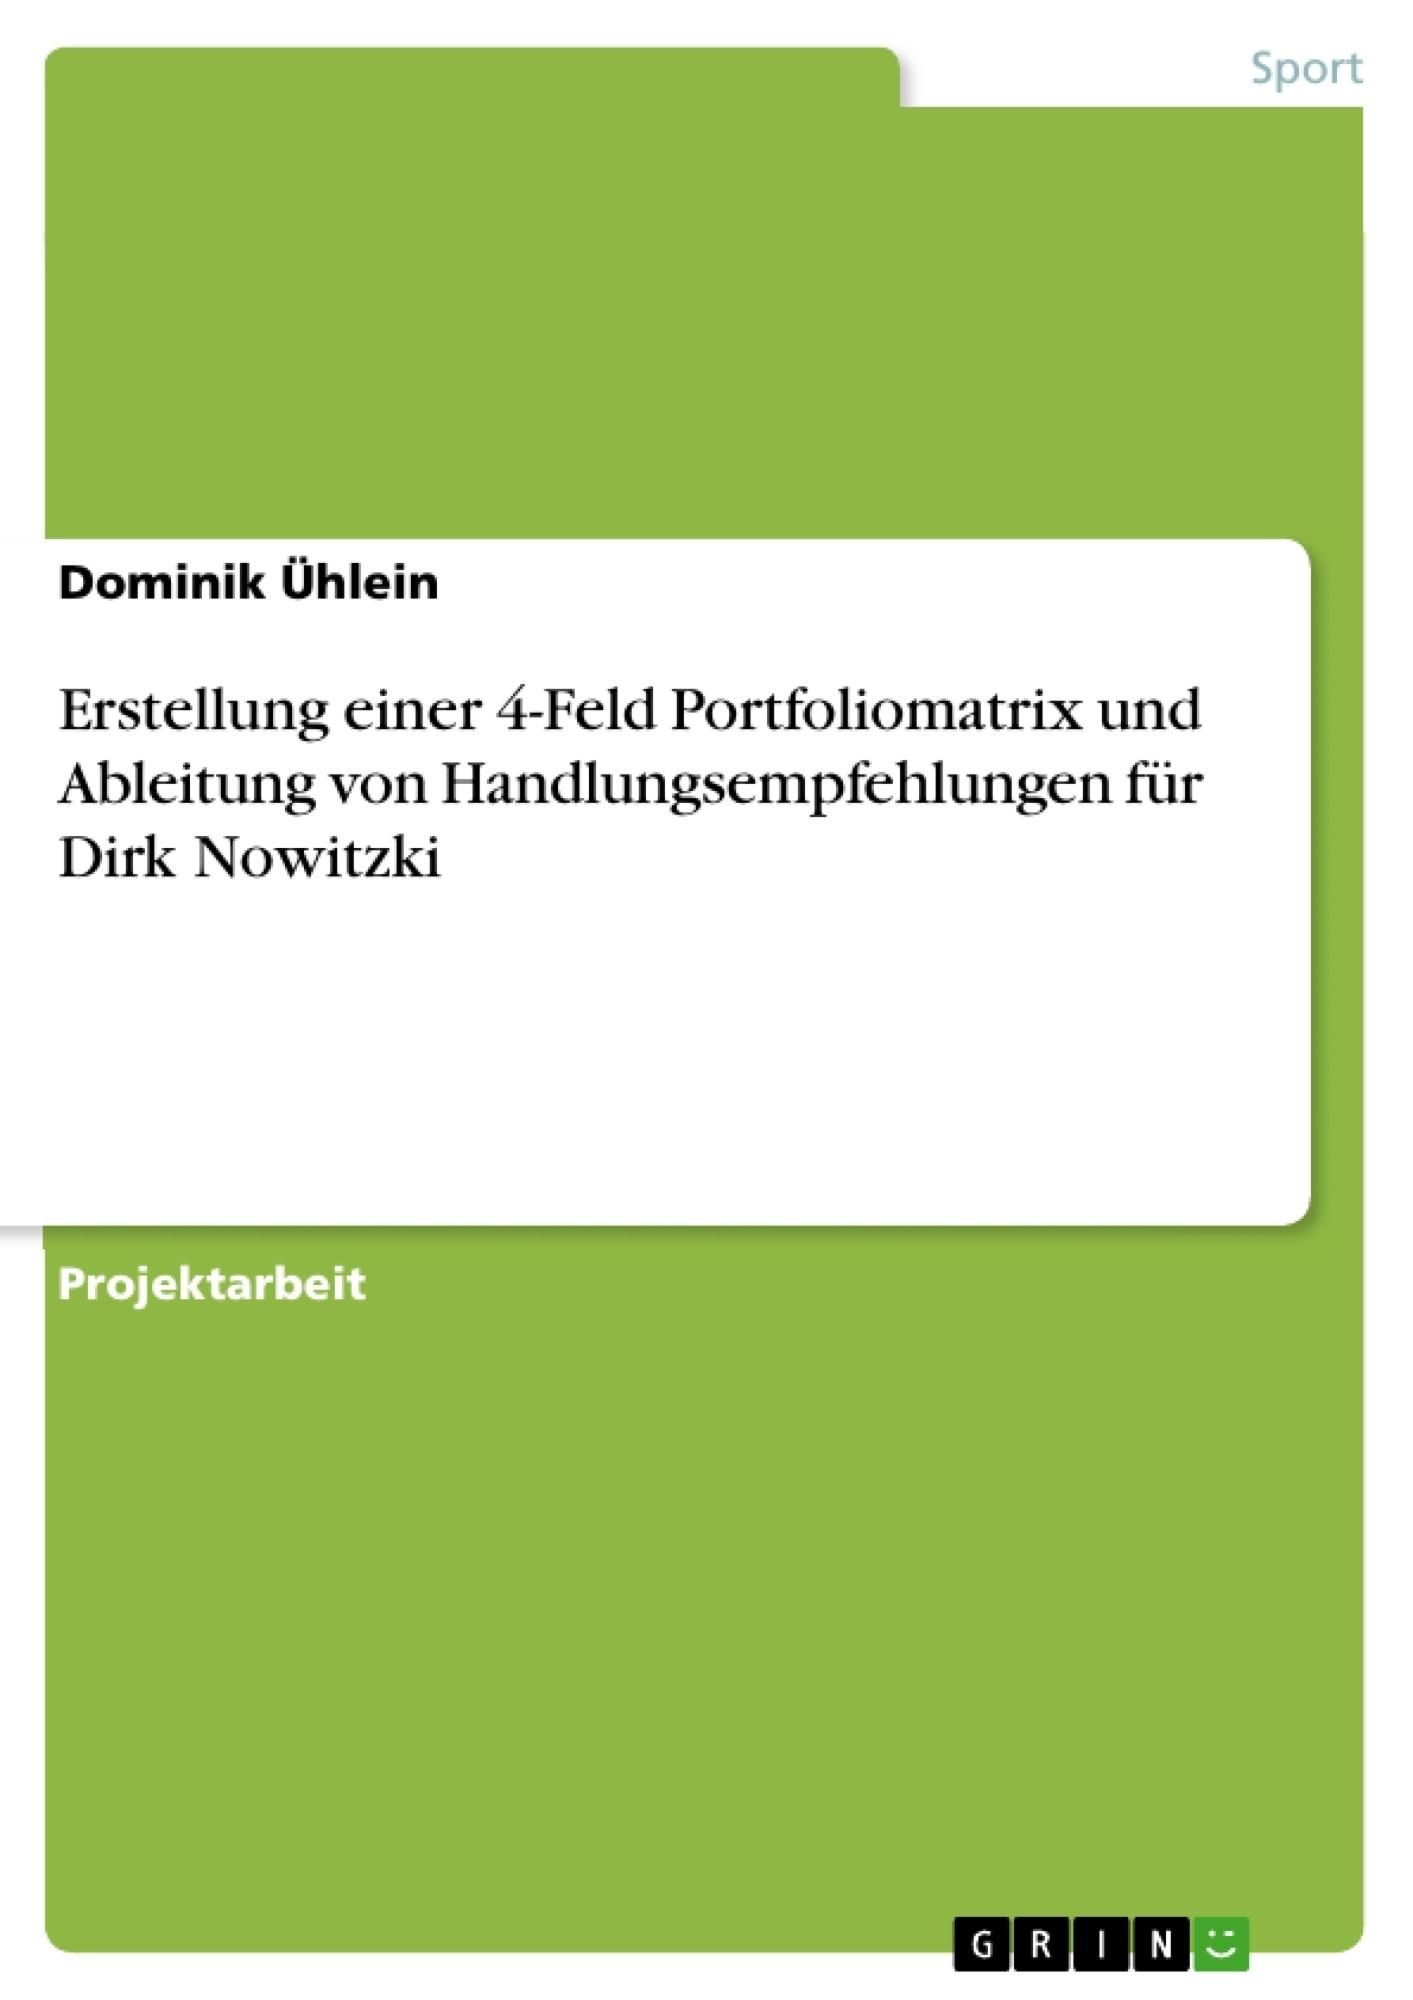 Titel: Erstellung einer 4-Feld Portfoliomatrix und Ableitung von Handlungsempfehlungen für Dirk Nowitzki